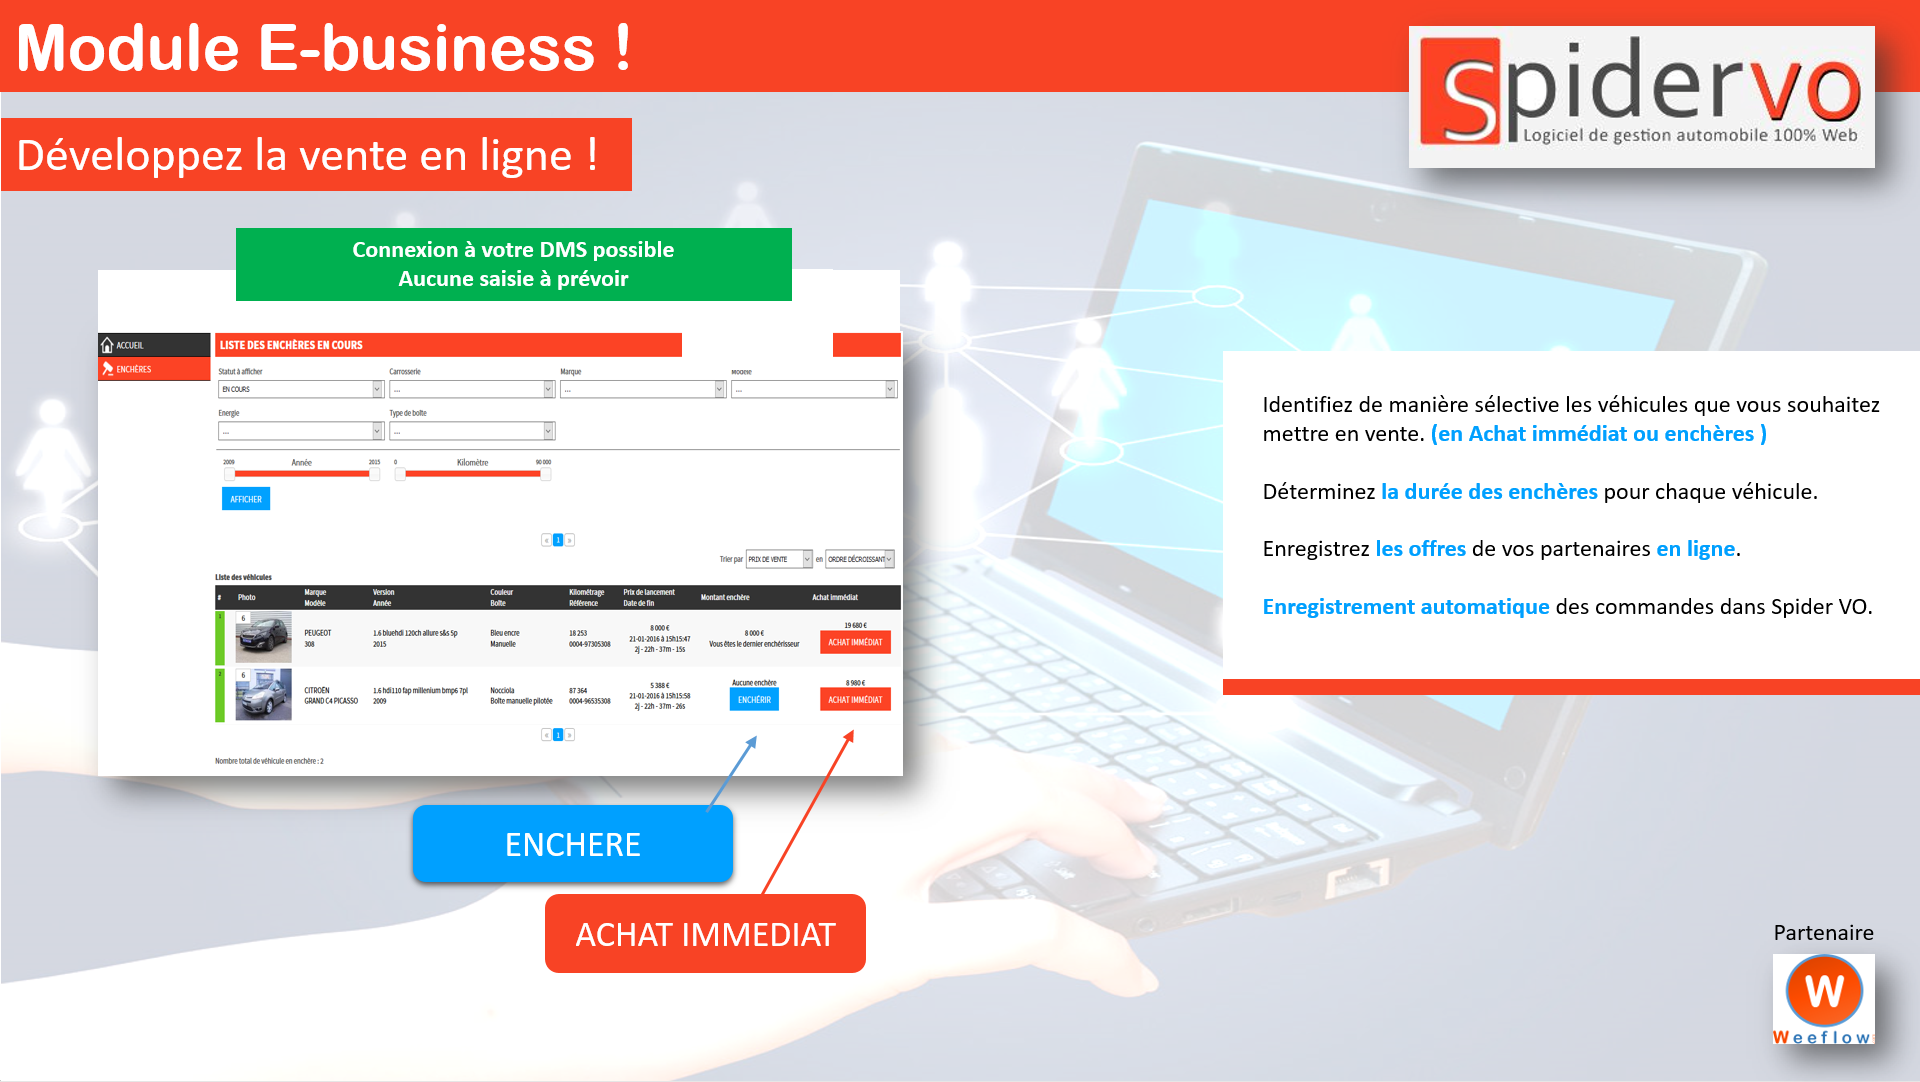 module_e-business_spiderVO